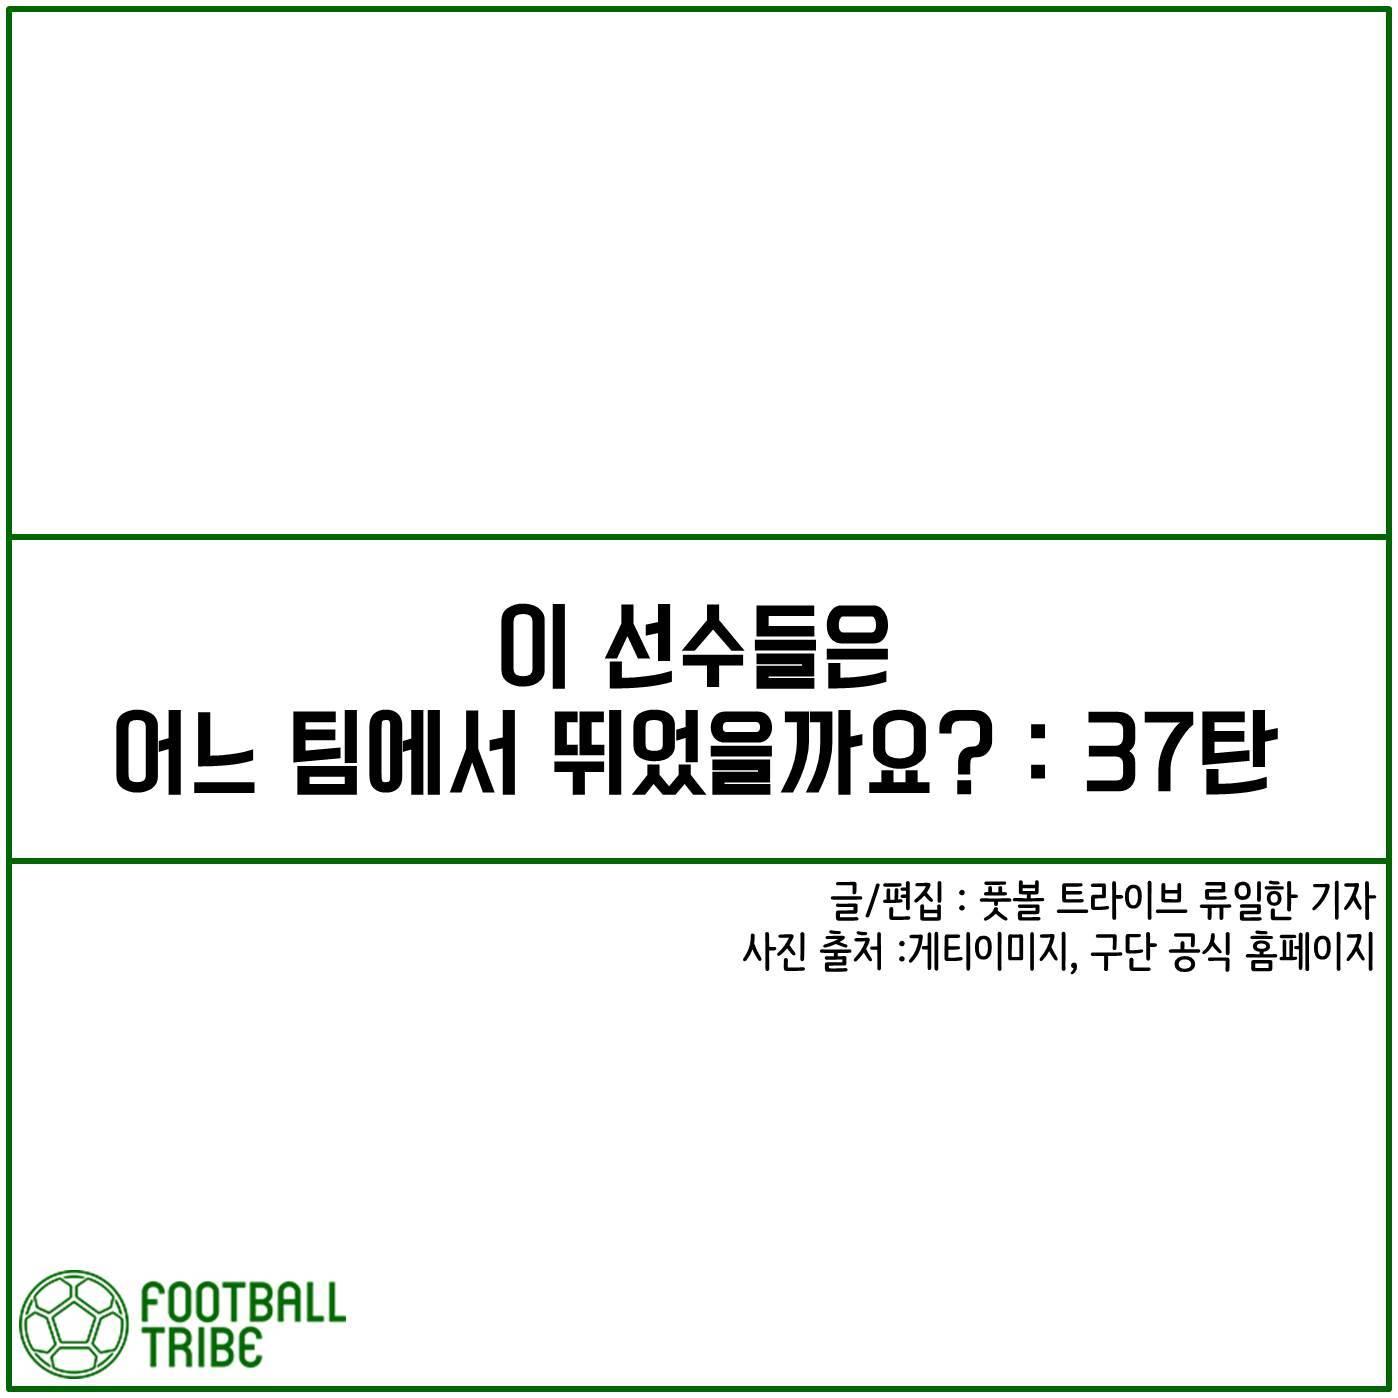 [카드 뉴스] 이 선수들은 어느 팀에서 뛰었을까요?: 37탄